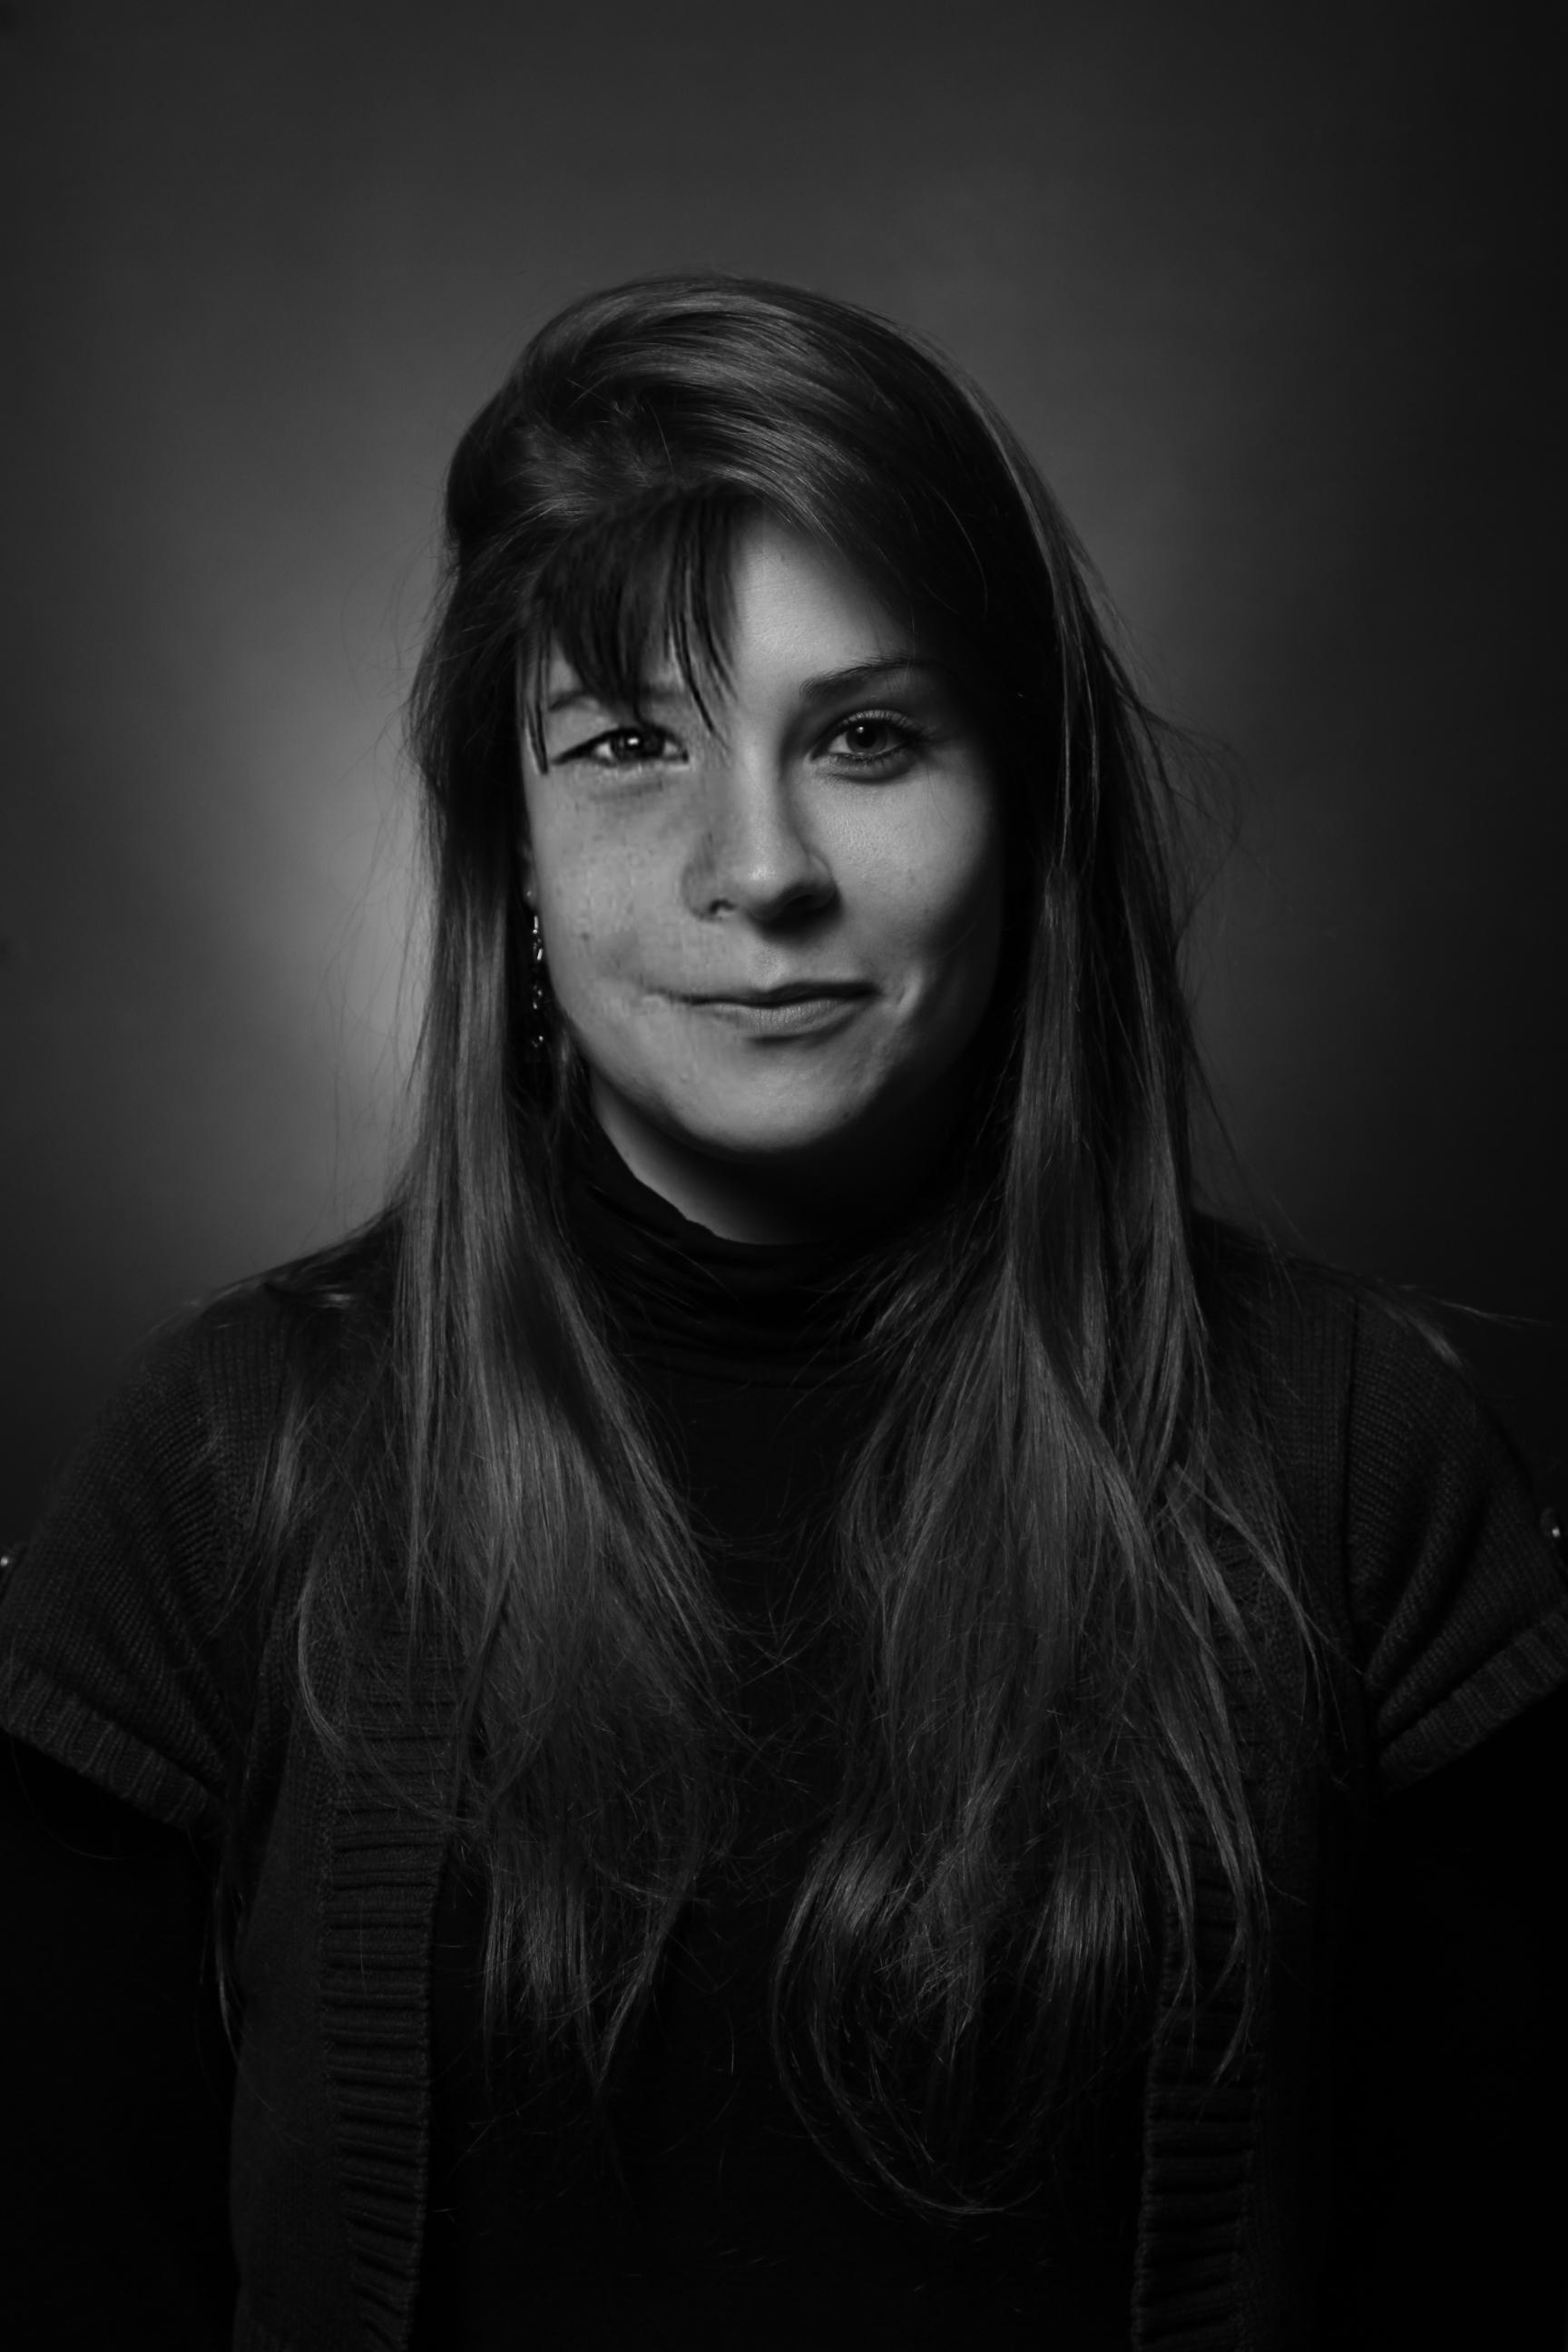 Chirurgie photographique (cc) Laetitia Stoffel (16/03/2014)